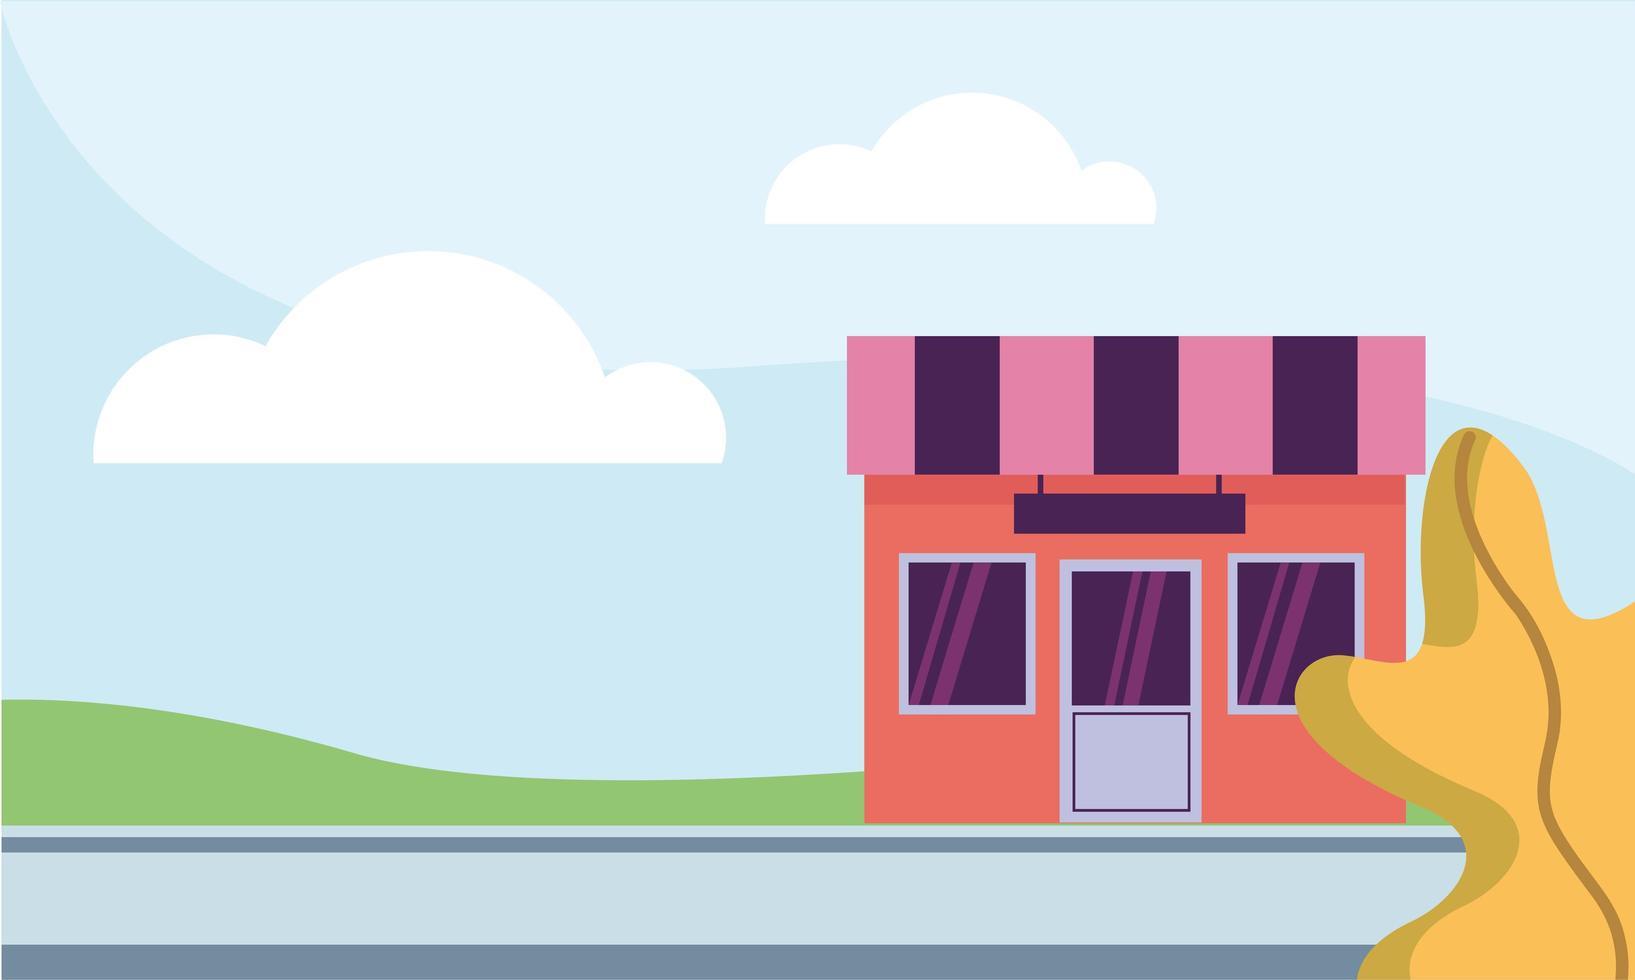 winkel op straat vector ontwerp